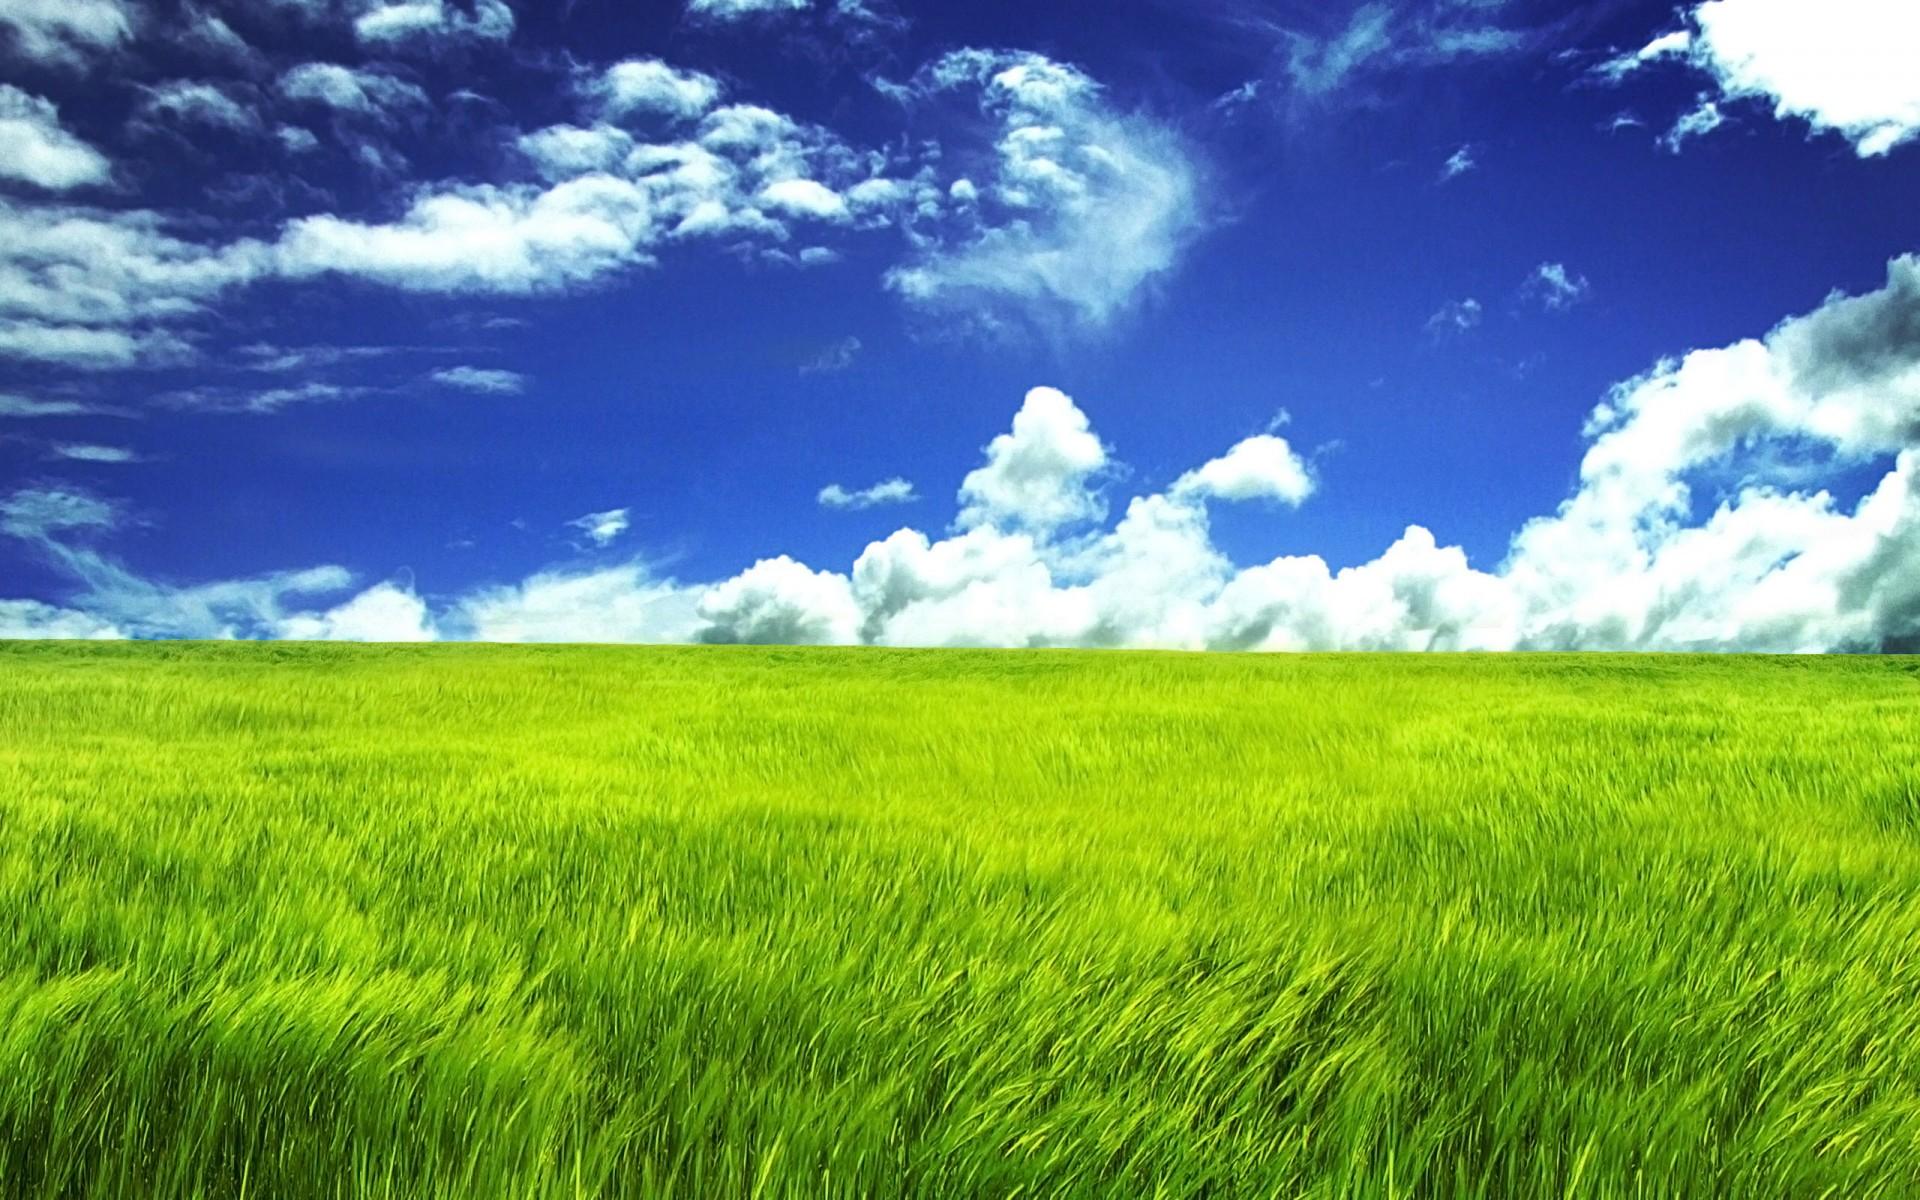 Os X Mavericks Wallpaper Iphone Green Grassland Wallpapers Hd Wallpapers Id 8898